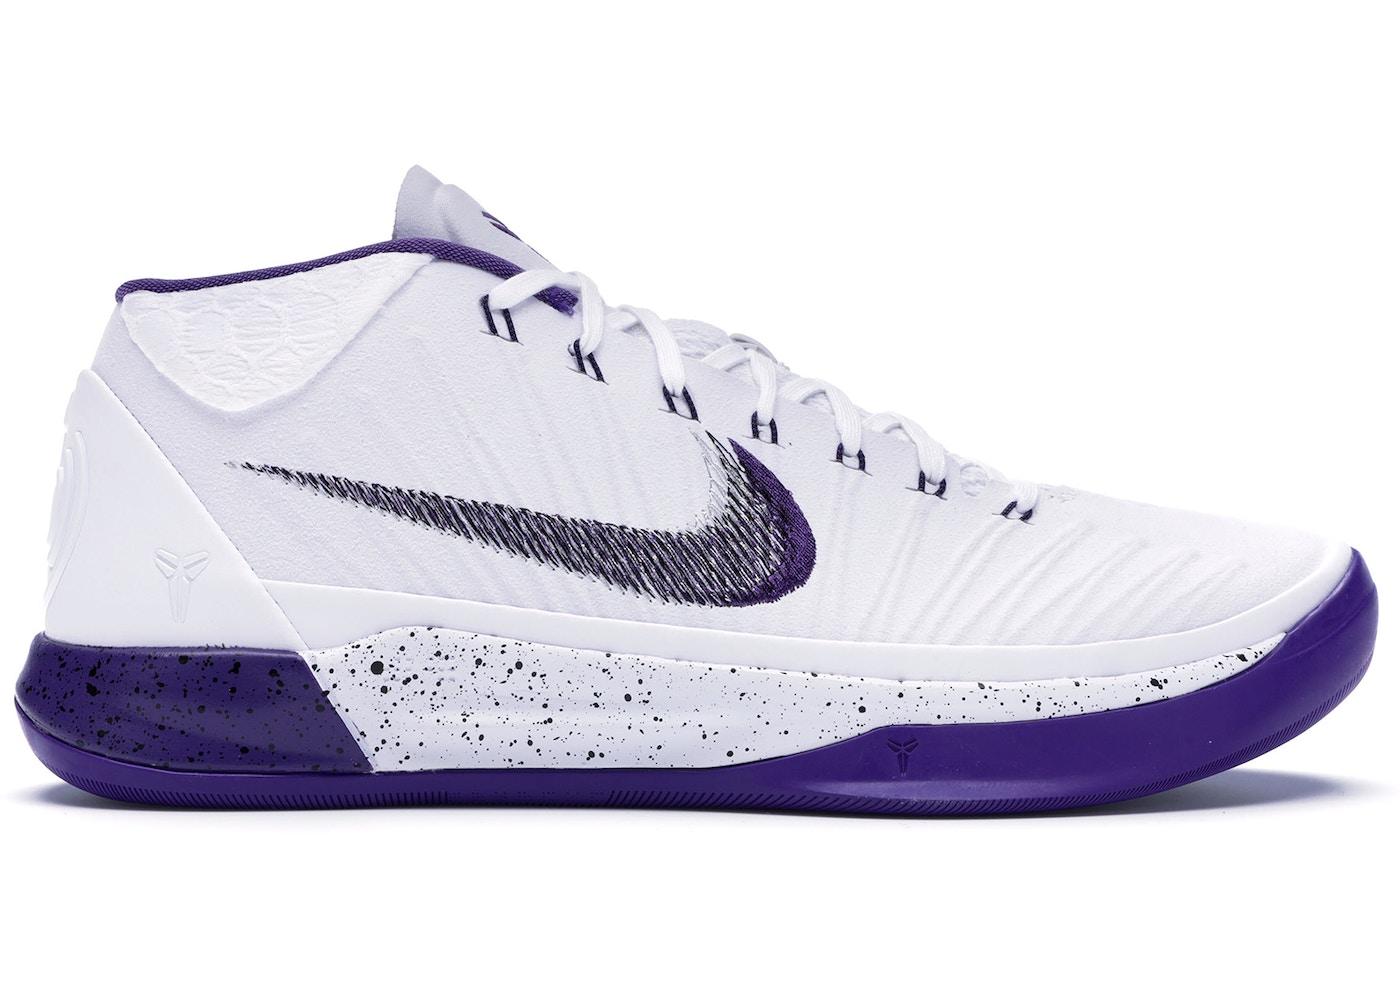 low priced 95007 b93b7 Kobe A.D. Baseline White Court Purple